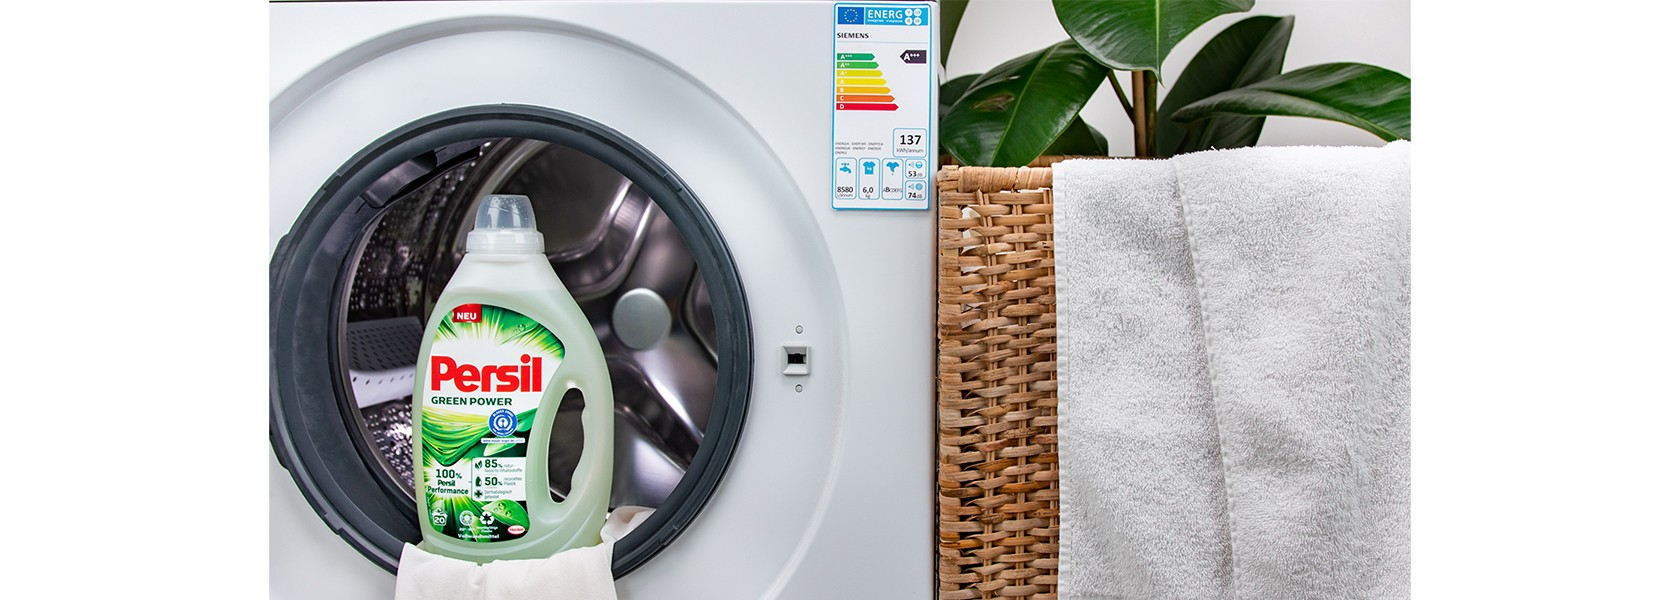 Persil Power Gel am Rand der Wäschetrommel auf einem Handtuch platziert.